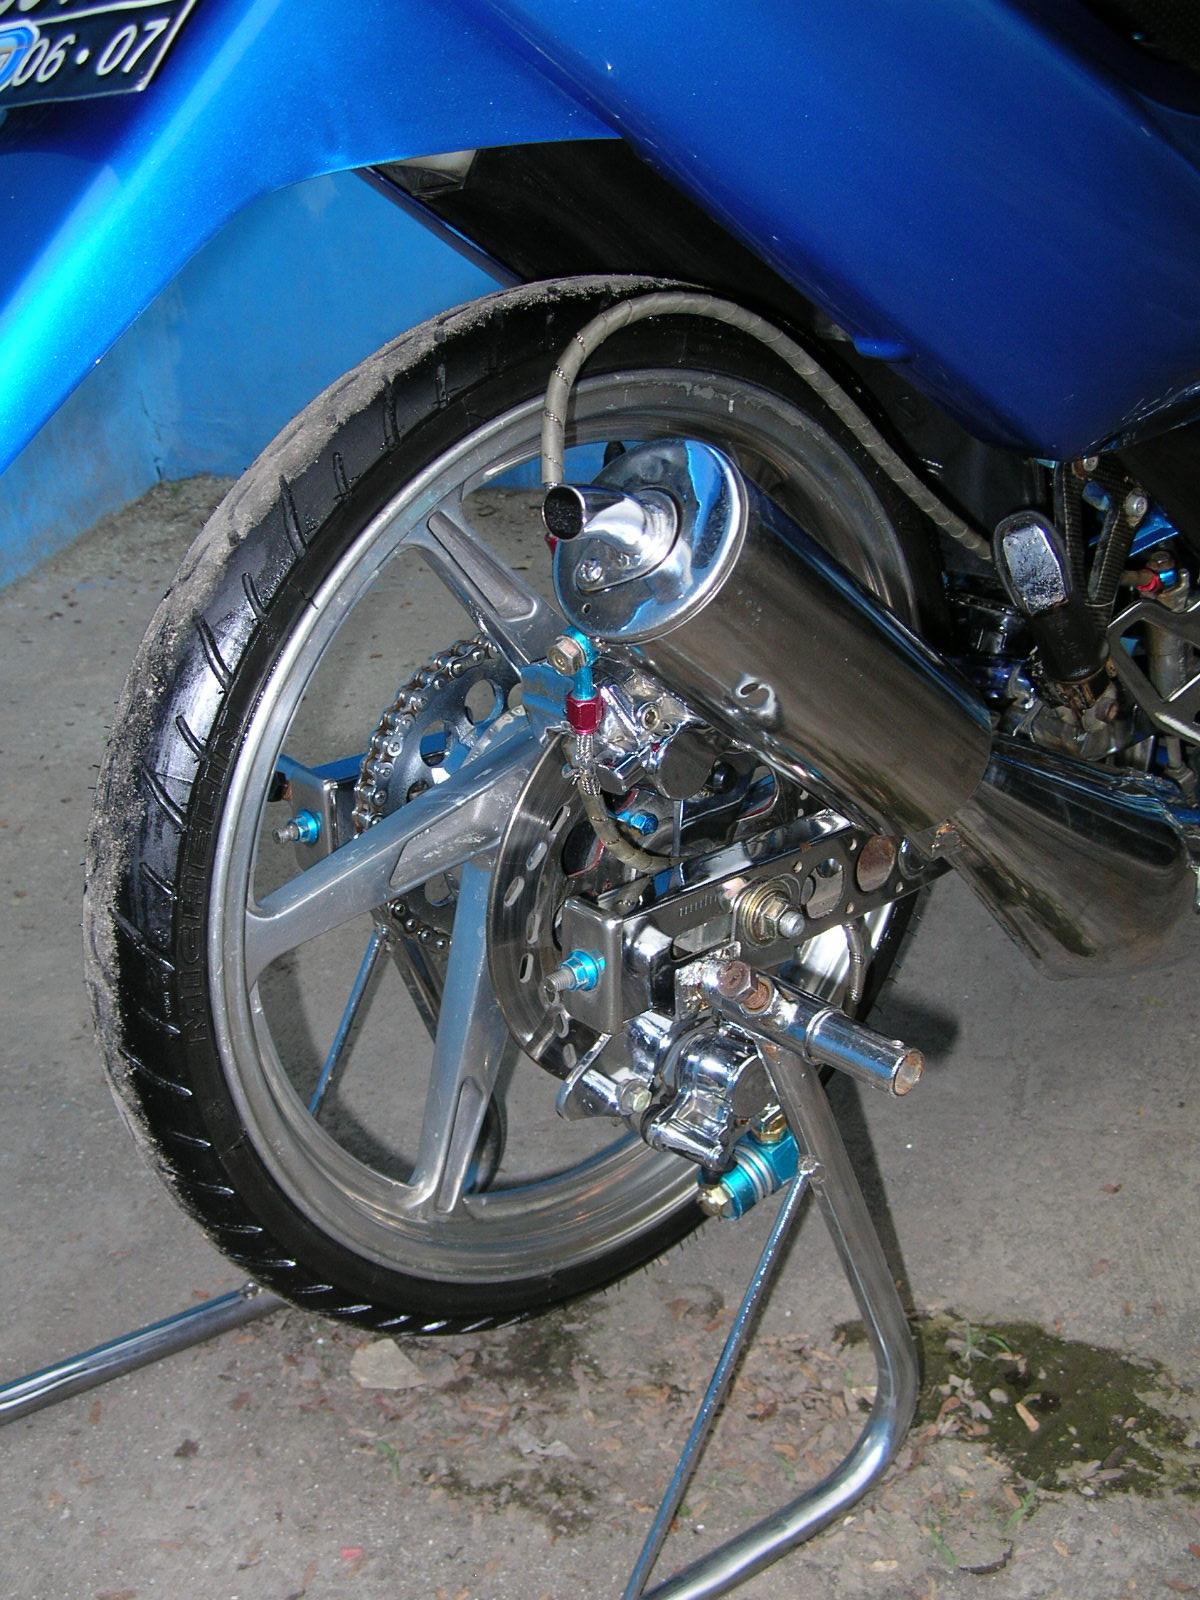 modif suzuki satria blue color airbrush title=